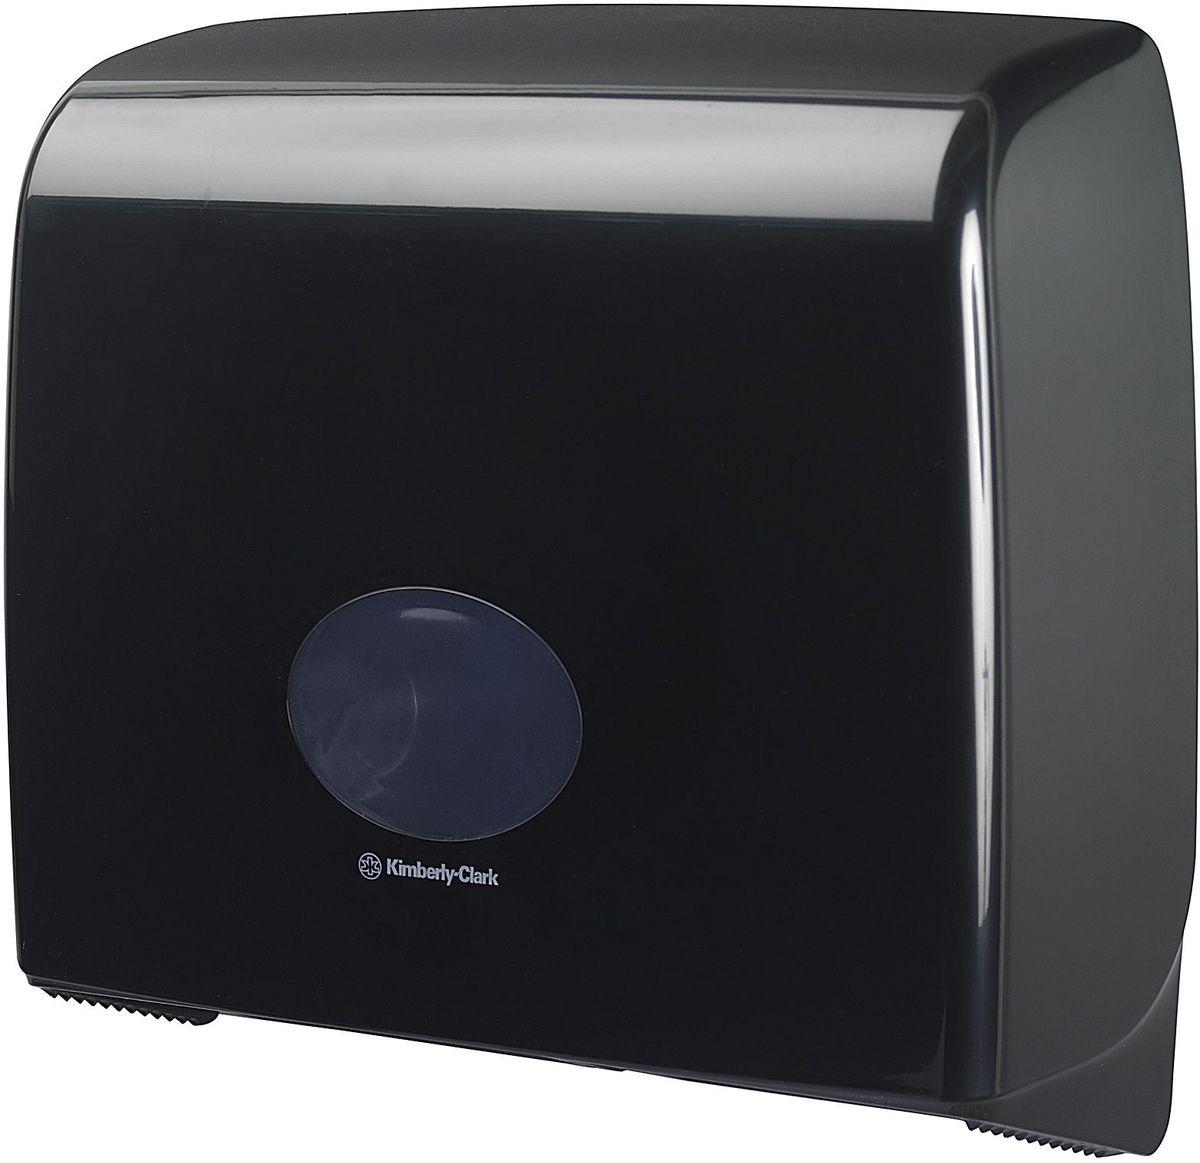 Диспенсер для туалетной бумаги Aquarius Jumbo, большой рулон, цвет: черный. 718468/5/3Ассортимент диспенсеров для рулонной туалетной бумаги, которые выполнены в одном стиле с диспенсерами для мыла и для полотенец для рук. Диспенсеры мотивируют сотрудников соблюдать гигиенические нормы, повышают уровень комфорта, демонстрируют заботу о персонале и помогают сократить расходы. Идеальное решение, обеспечивающее подачу рулонной туалетной бумаги из элегантного диспенсера в туалетных комнатах с высокой проходимостью, легкая загрузка, практичное, гигиеничное и экономичное решение.Формат поставки: диспенсер современного дизайна, обтекаемой формы, обеспечивающий быструю заправку; черное глянцевое, легко очищаемое покрытие; отсутствие мест скопления пыли и грязи; смотровое окно для контроля за расходными материалами; возможность выбора цветовых вставок в соответствие с интерьером конкретных туалетных комнат. Замена диспенсера 6987. Совместим с туалетной бумагой: 8440, 8442, 8446, 8449, 8474, 8484, 8517, 8519, 8559.